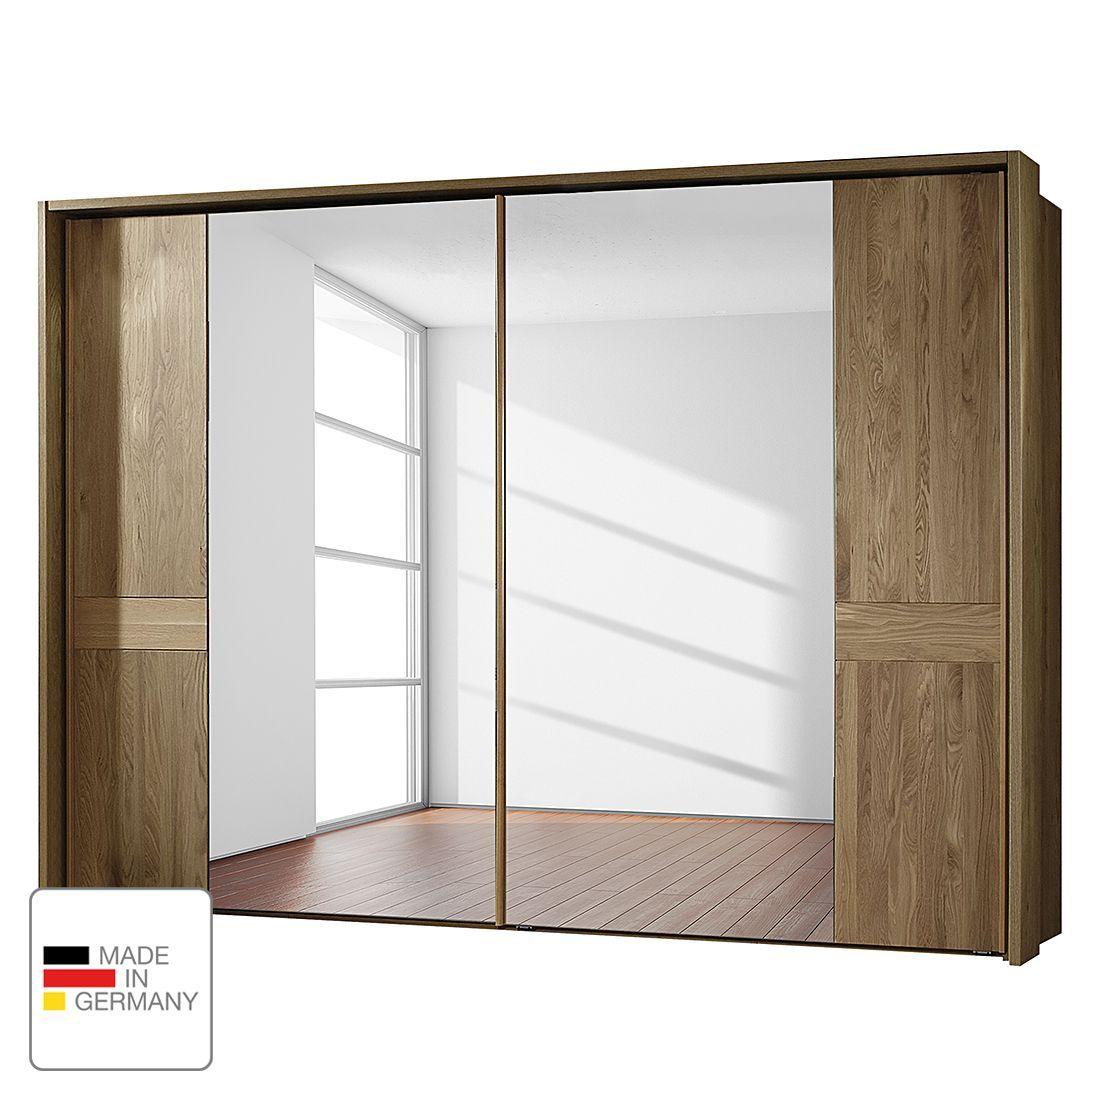 armoire de chambre ŕ coucher | armoire chambre ŕ coucher portes ...